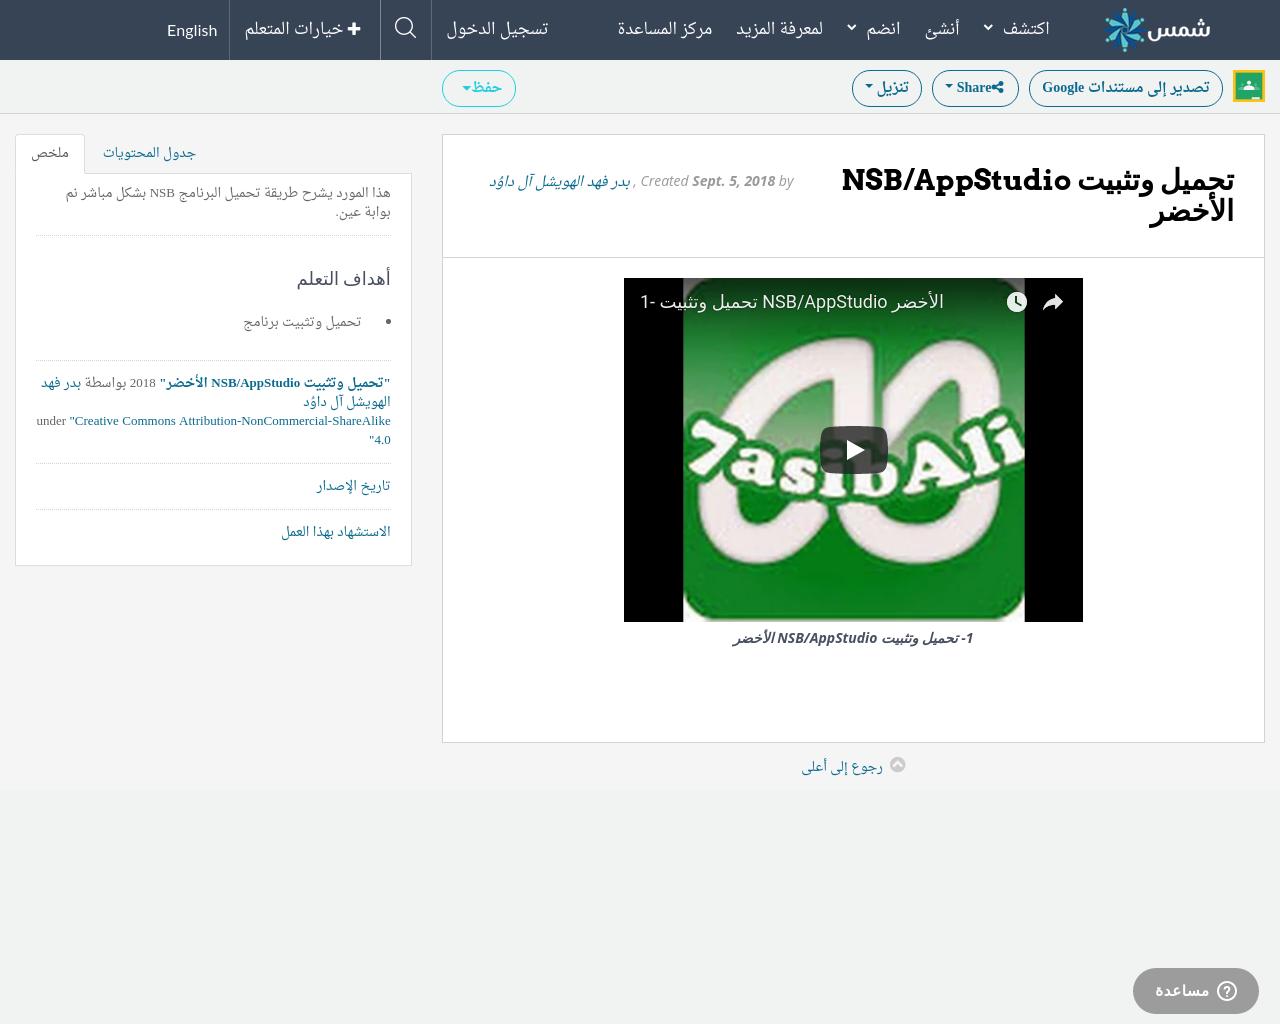 تحميل برنامج nsb مجانا